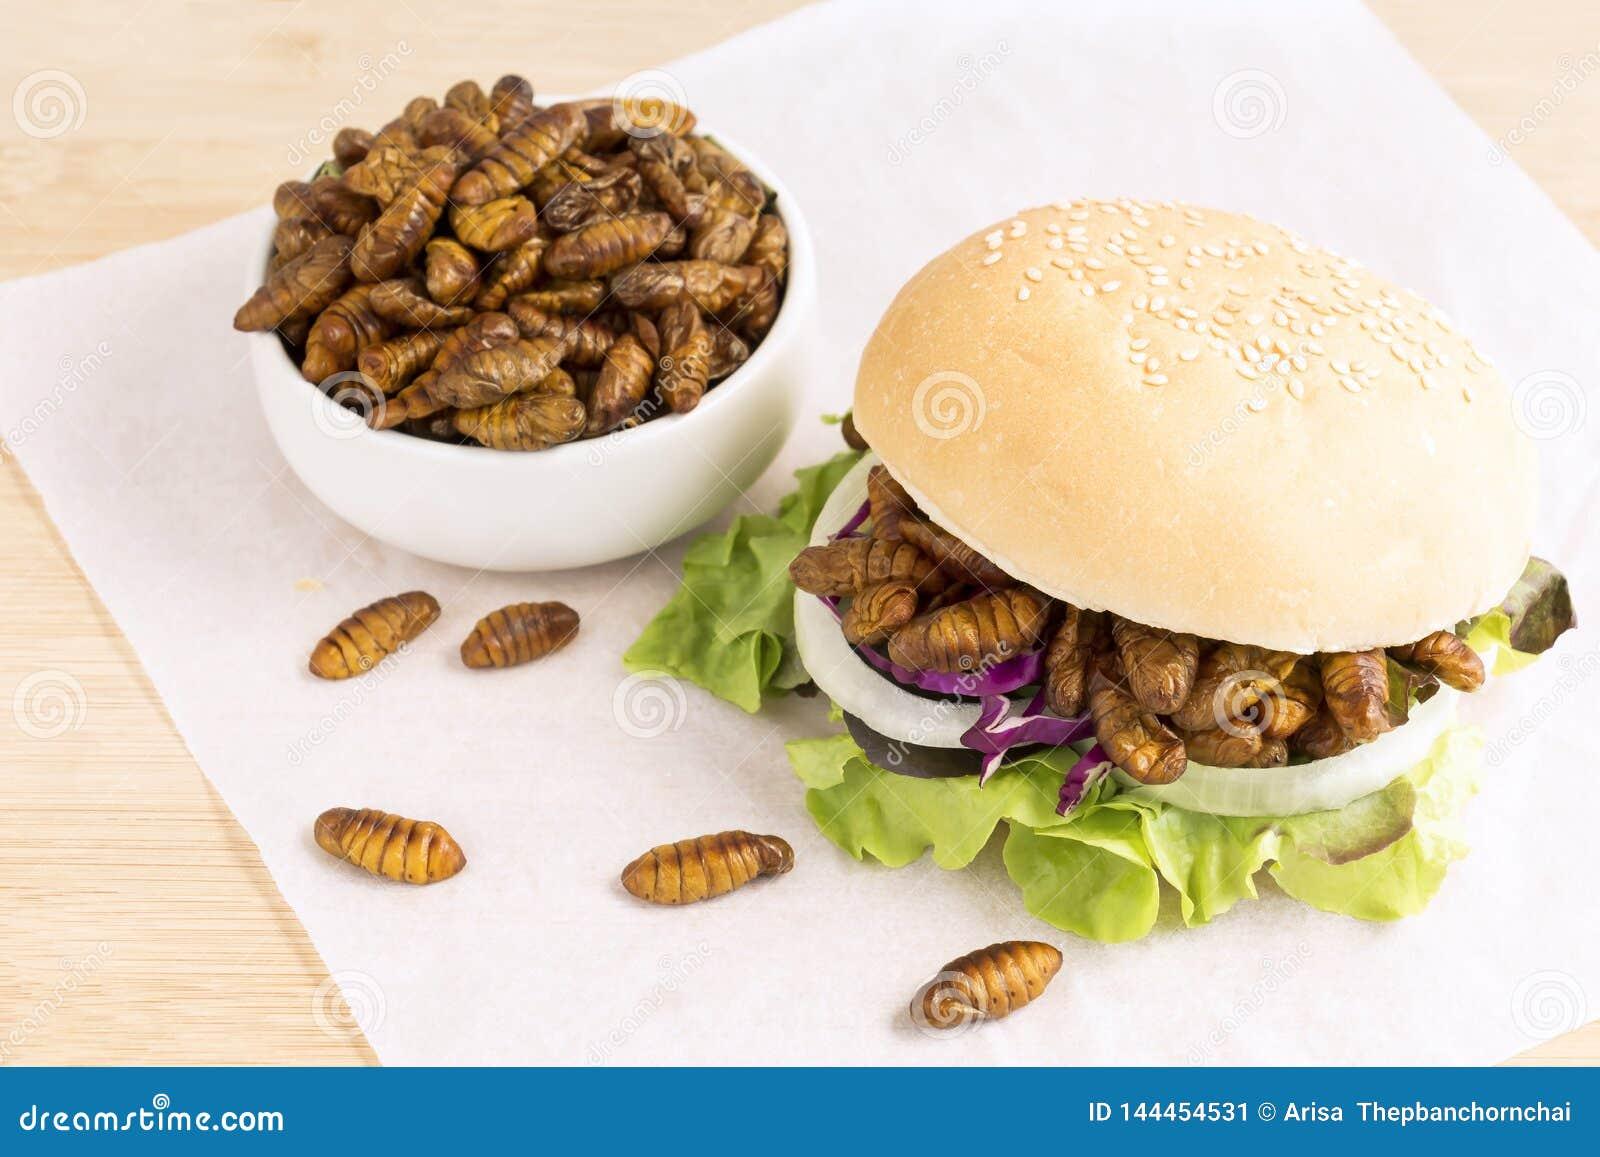 Insecte de ver ou ver à soie frit de Chrysalis pour manger comme produits alimentaires en hamburger de pain avec le légume sur la